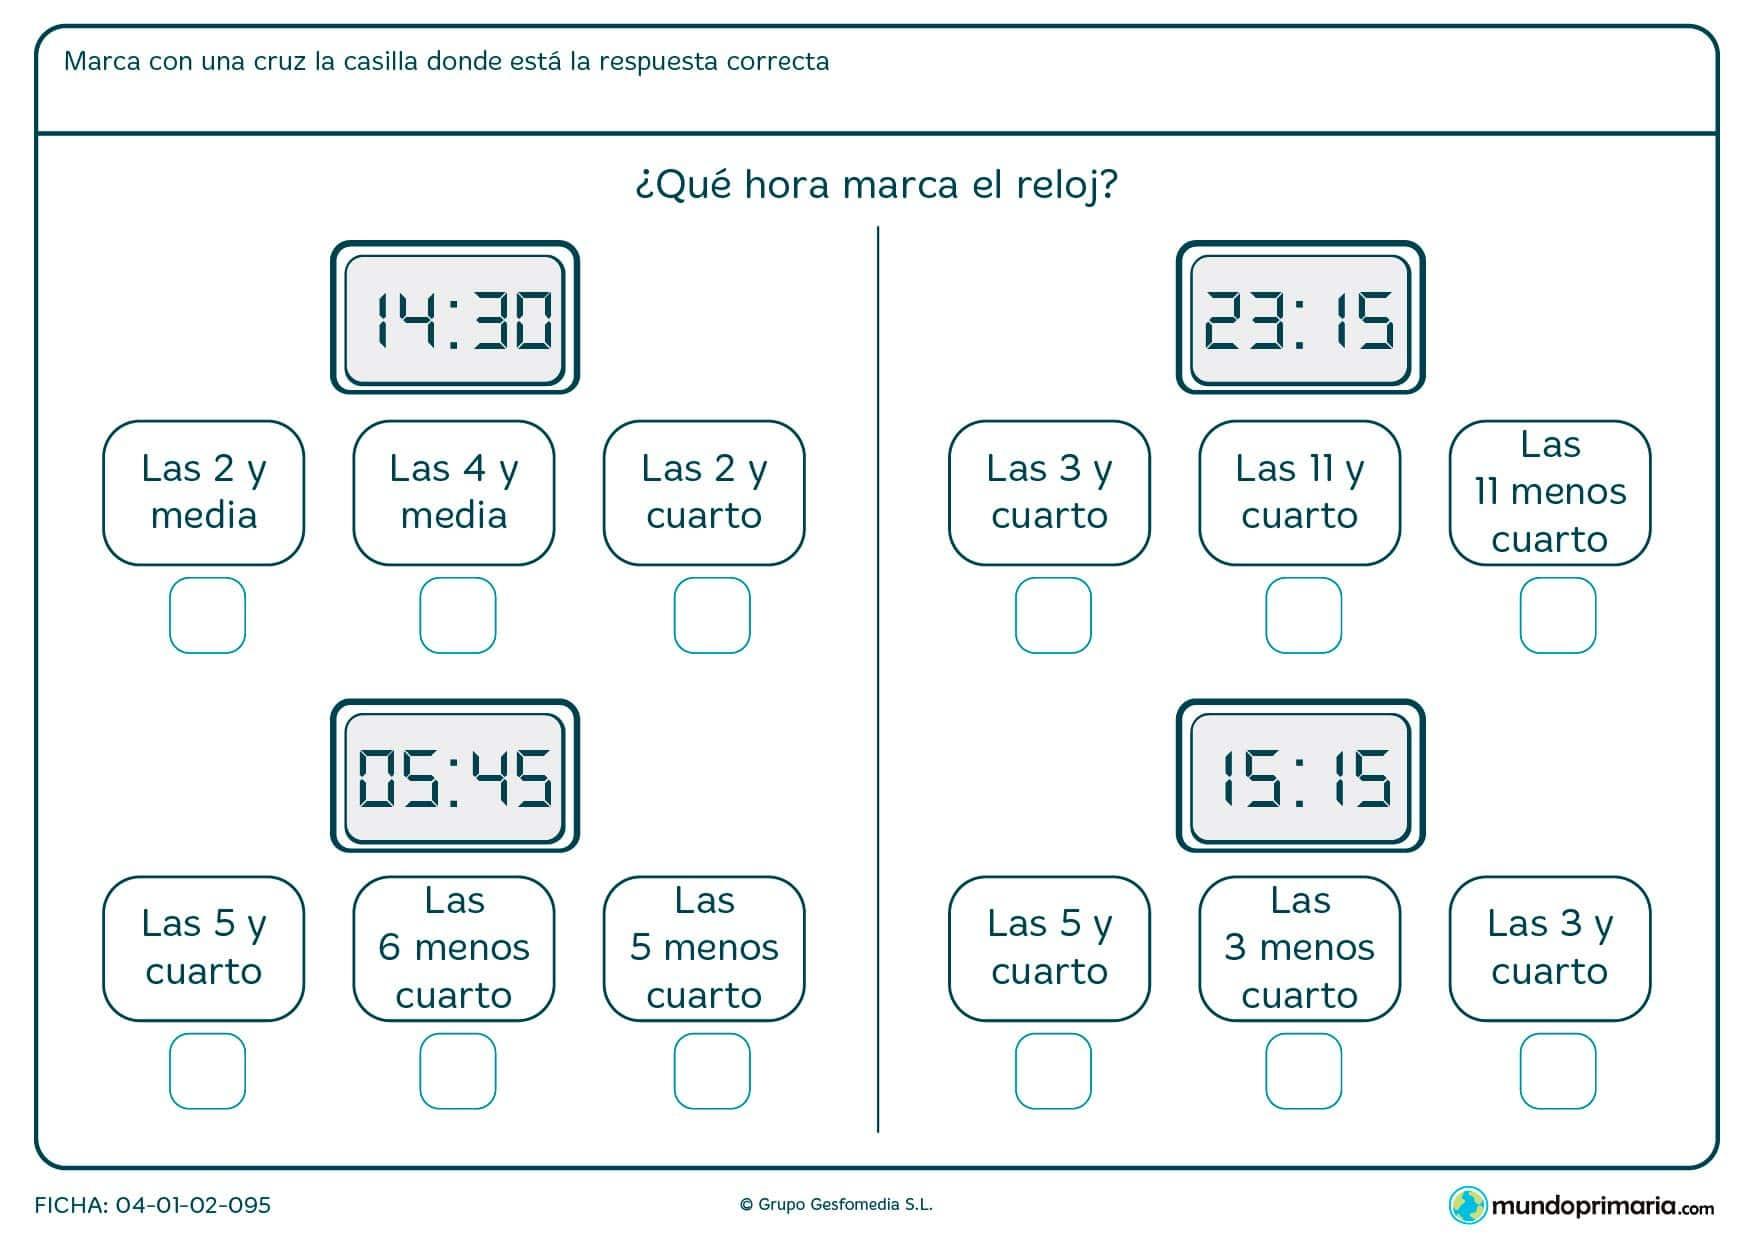 Ficha de qué hora digital es, y por tanto cuál de las 3 respuestas que te damos es la correcta.